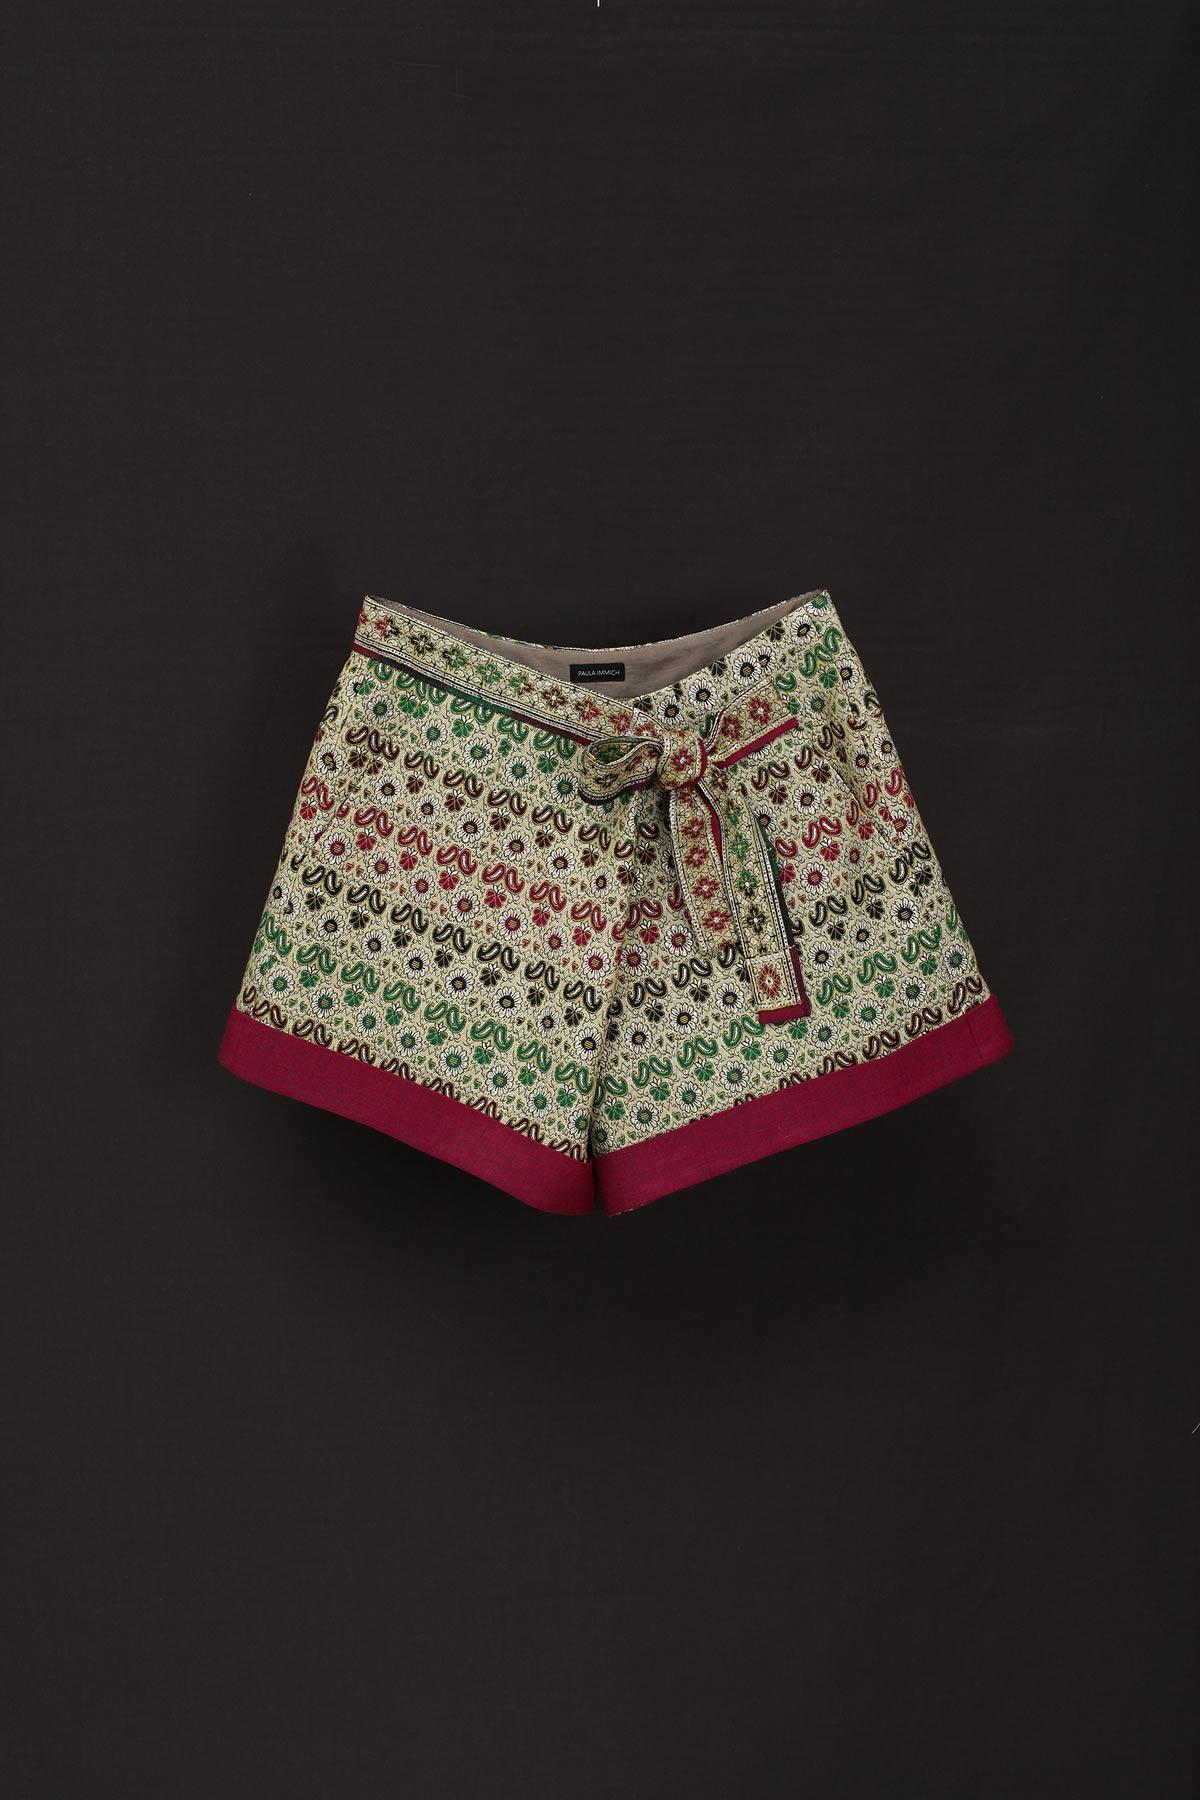 paula-immich-Shorts zum Wickeln aus indischem Sari-Tuch